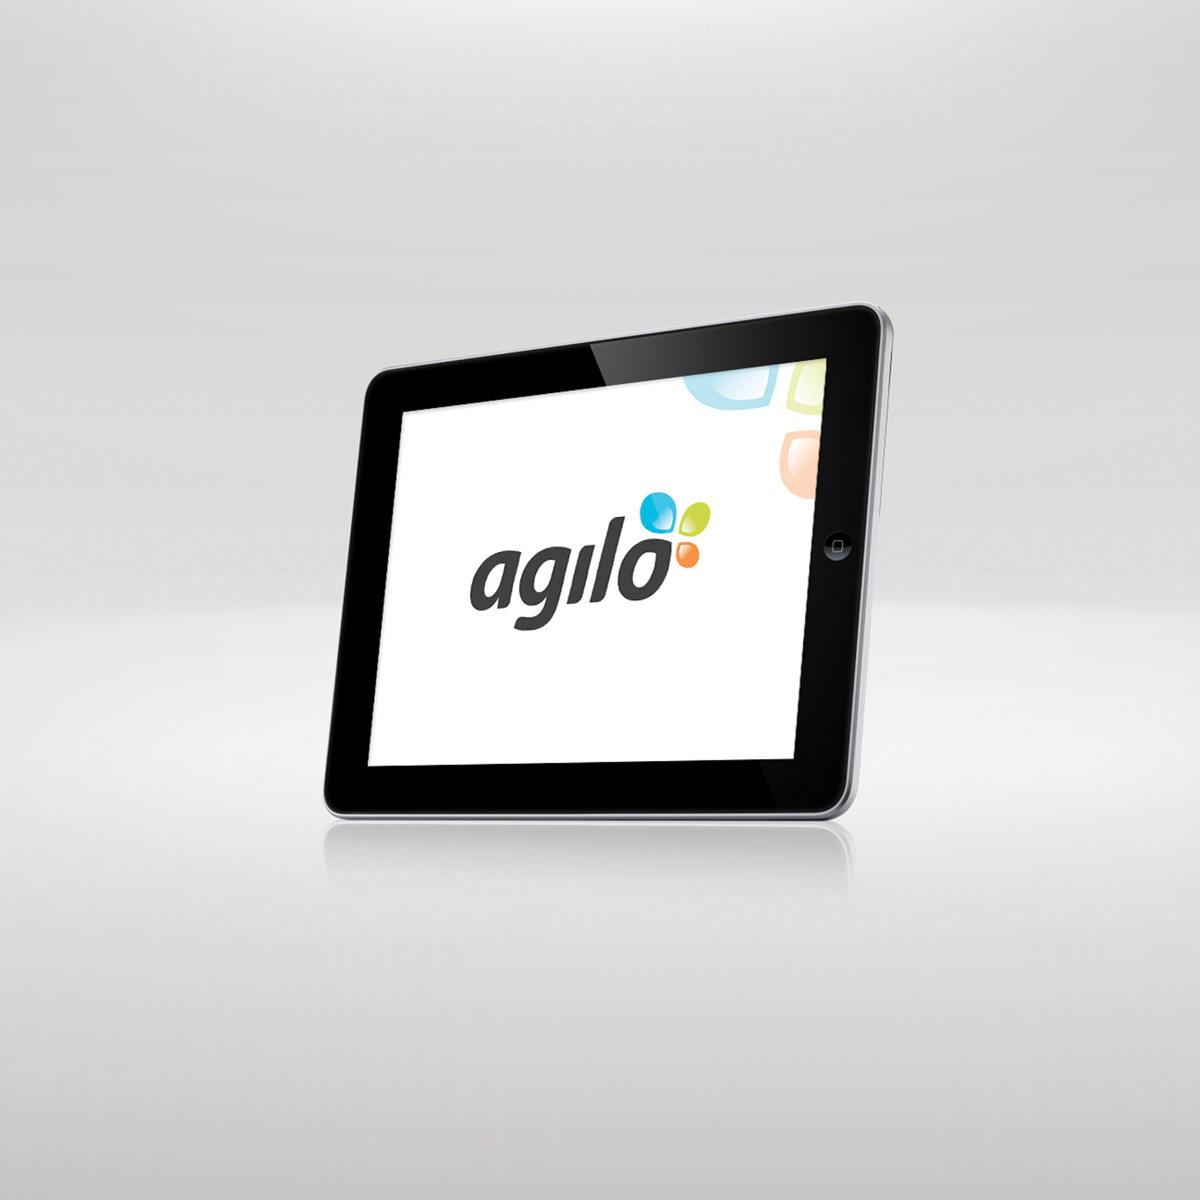 Agilo bg